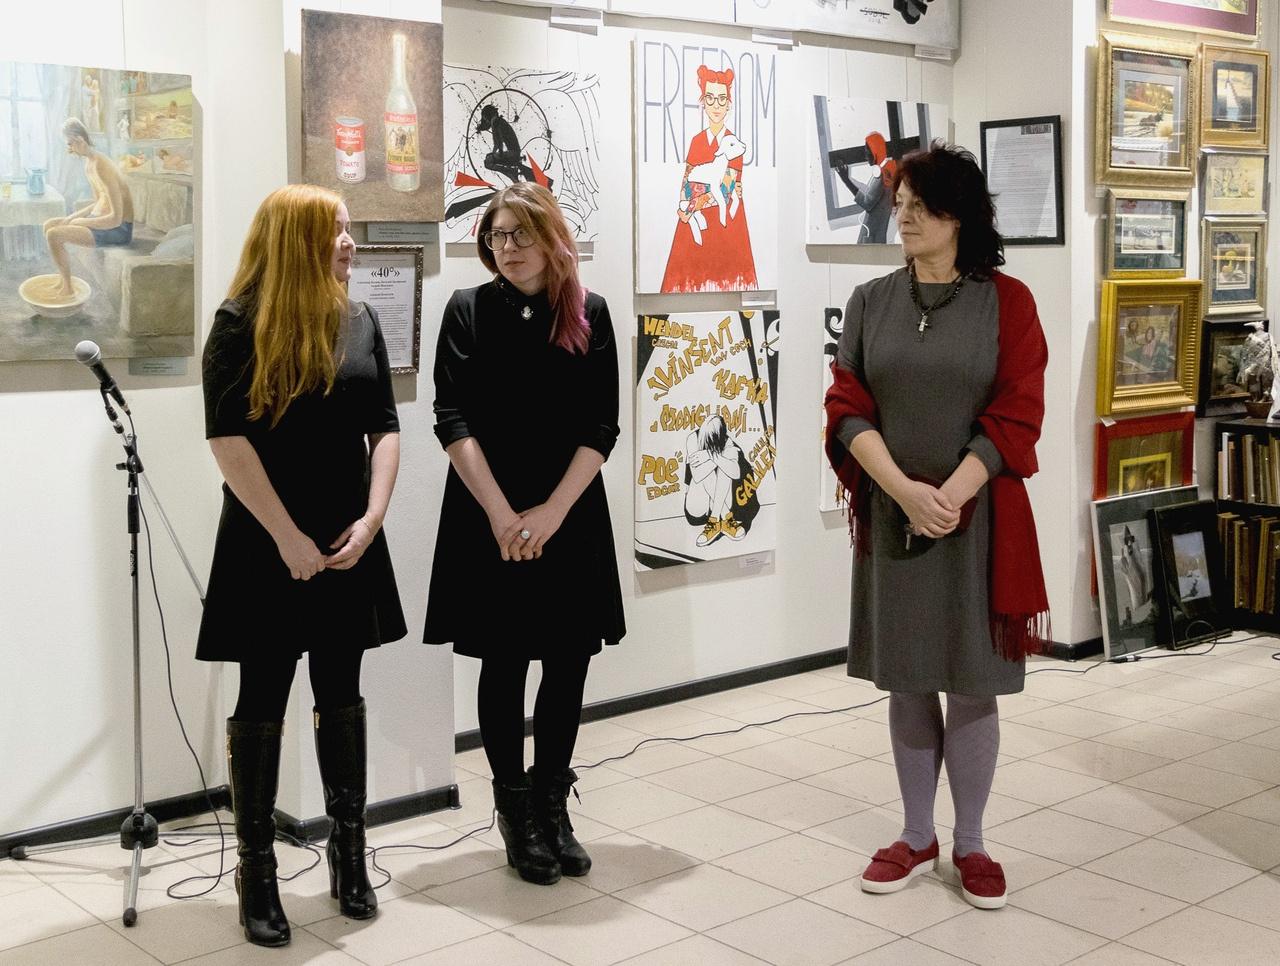 Художницы Дарья Заитова, Юлия Антонова и арт-директор галереи «Поле» Вера Лебедева на открытии выставки.